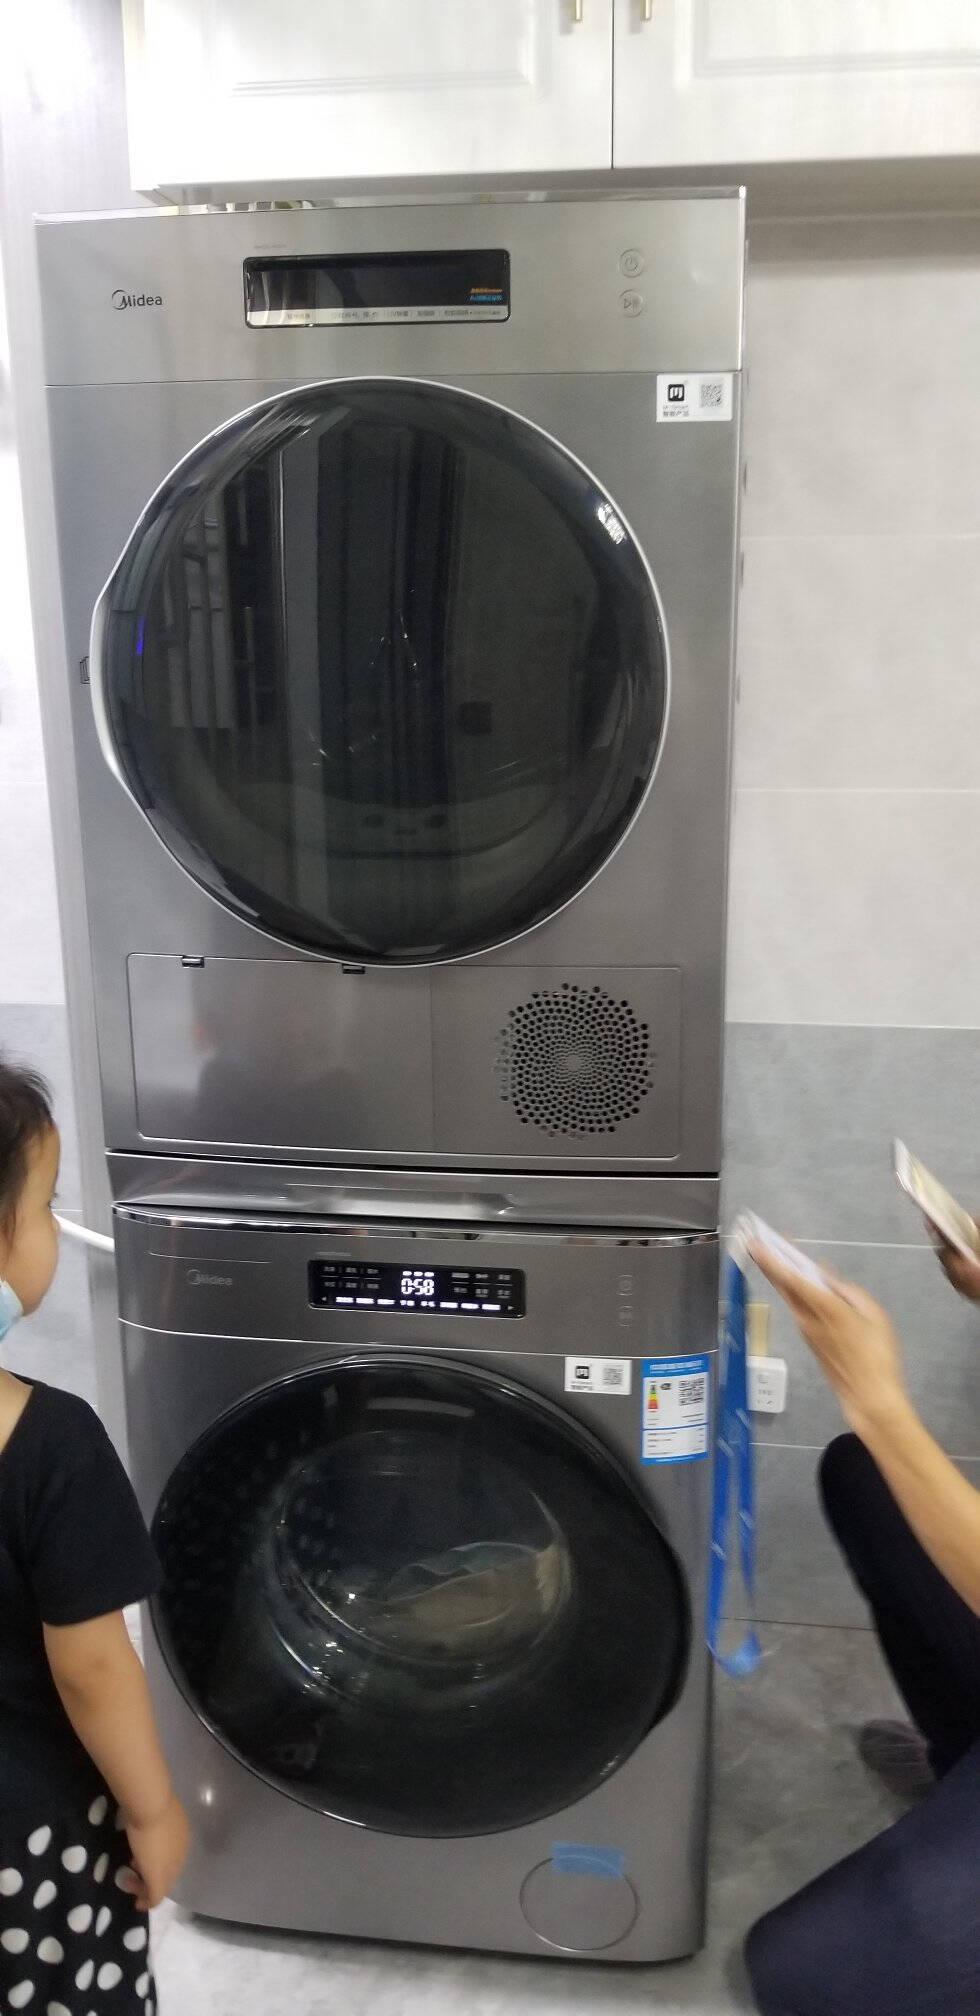 美的Midea烘干机家用线下同款10公斤干衣机健康烘干热泵式紫外线除菌衣干即停智能WIFIMH100-H1WY